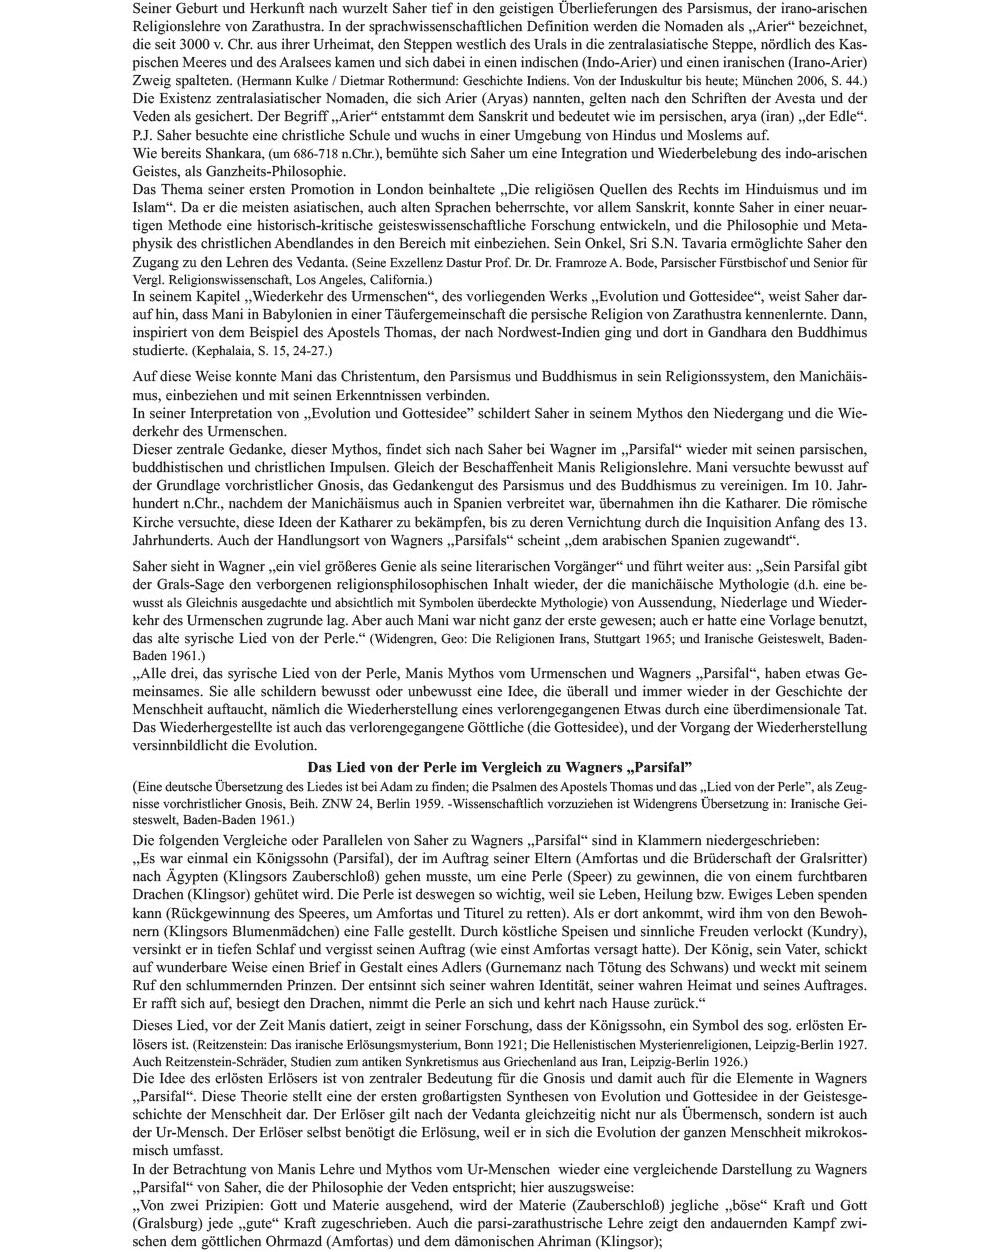 04-geistige-kunst-und-kultur-der-veden-8